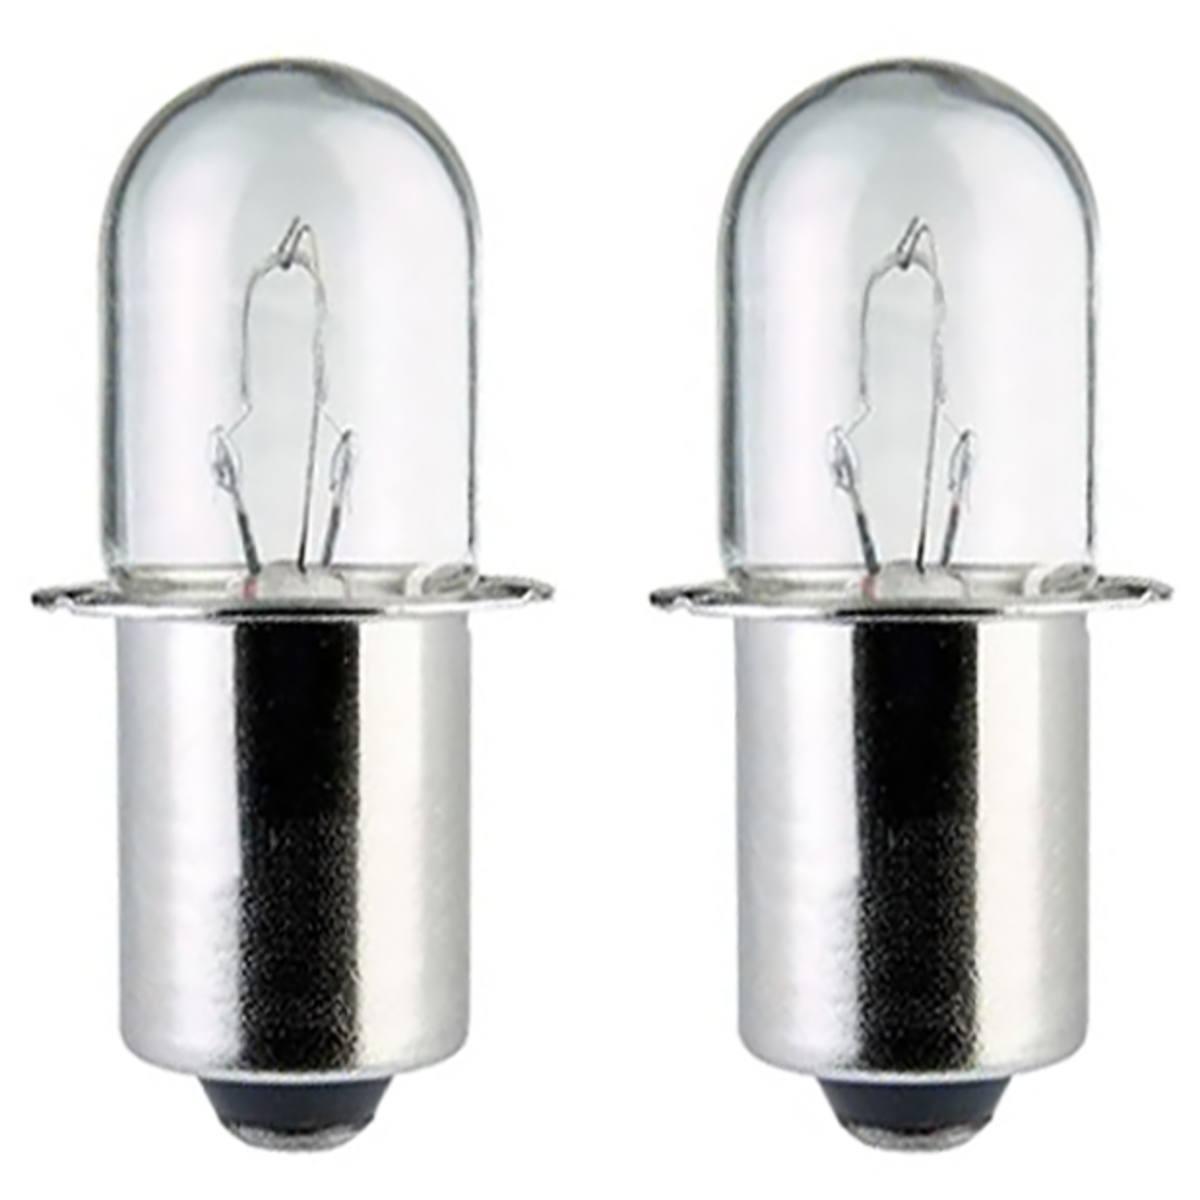 AMPOULE POUR LAMPE TORCHE MAKITA ML120, ML124, ML140 et ML141.